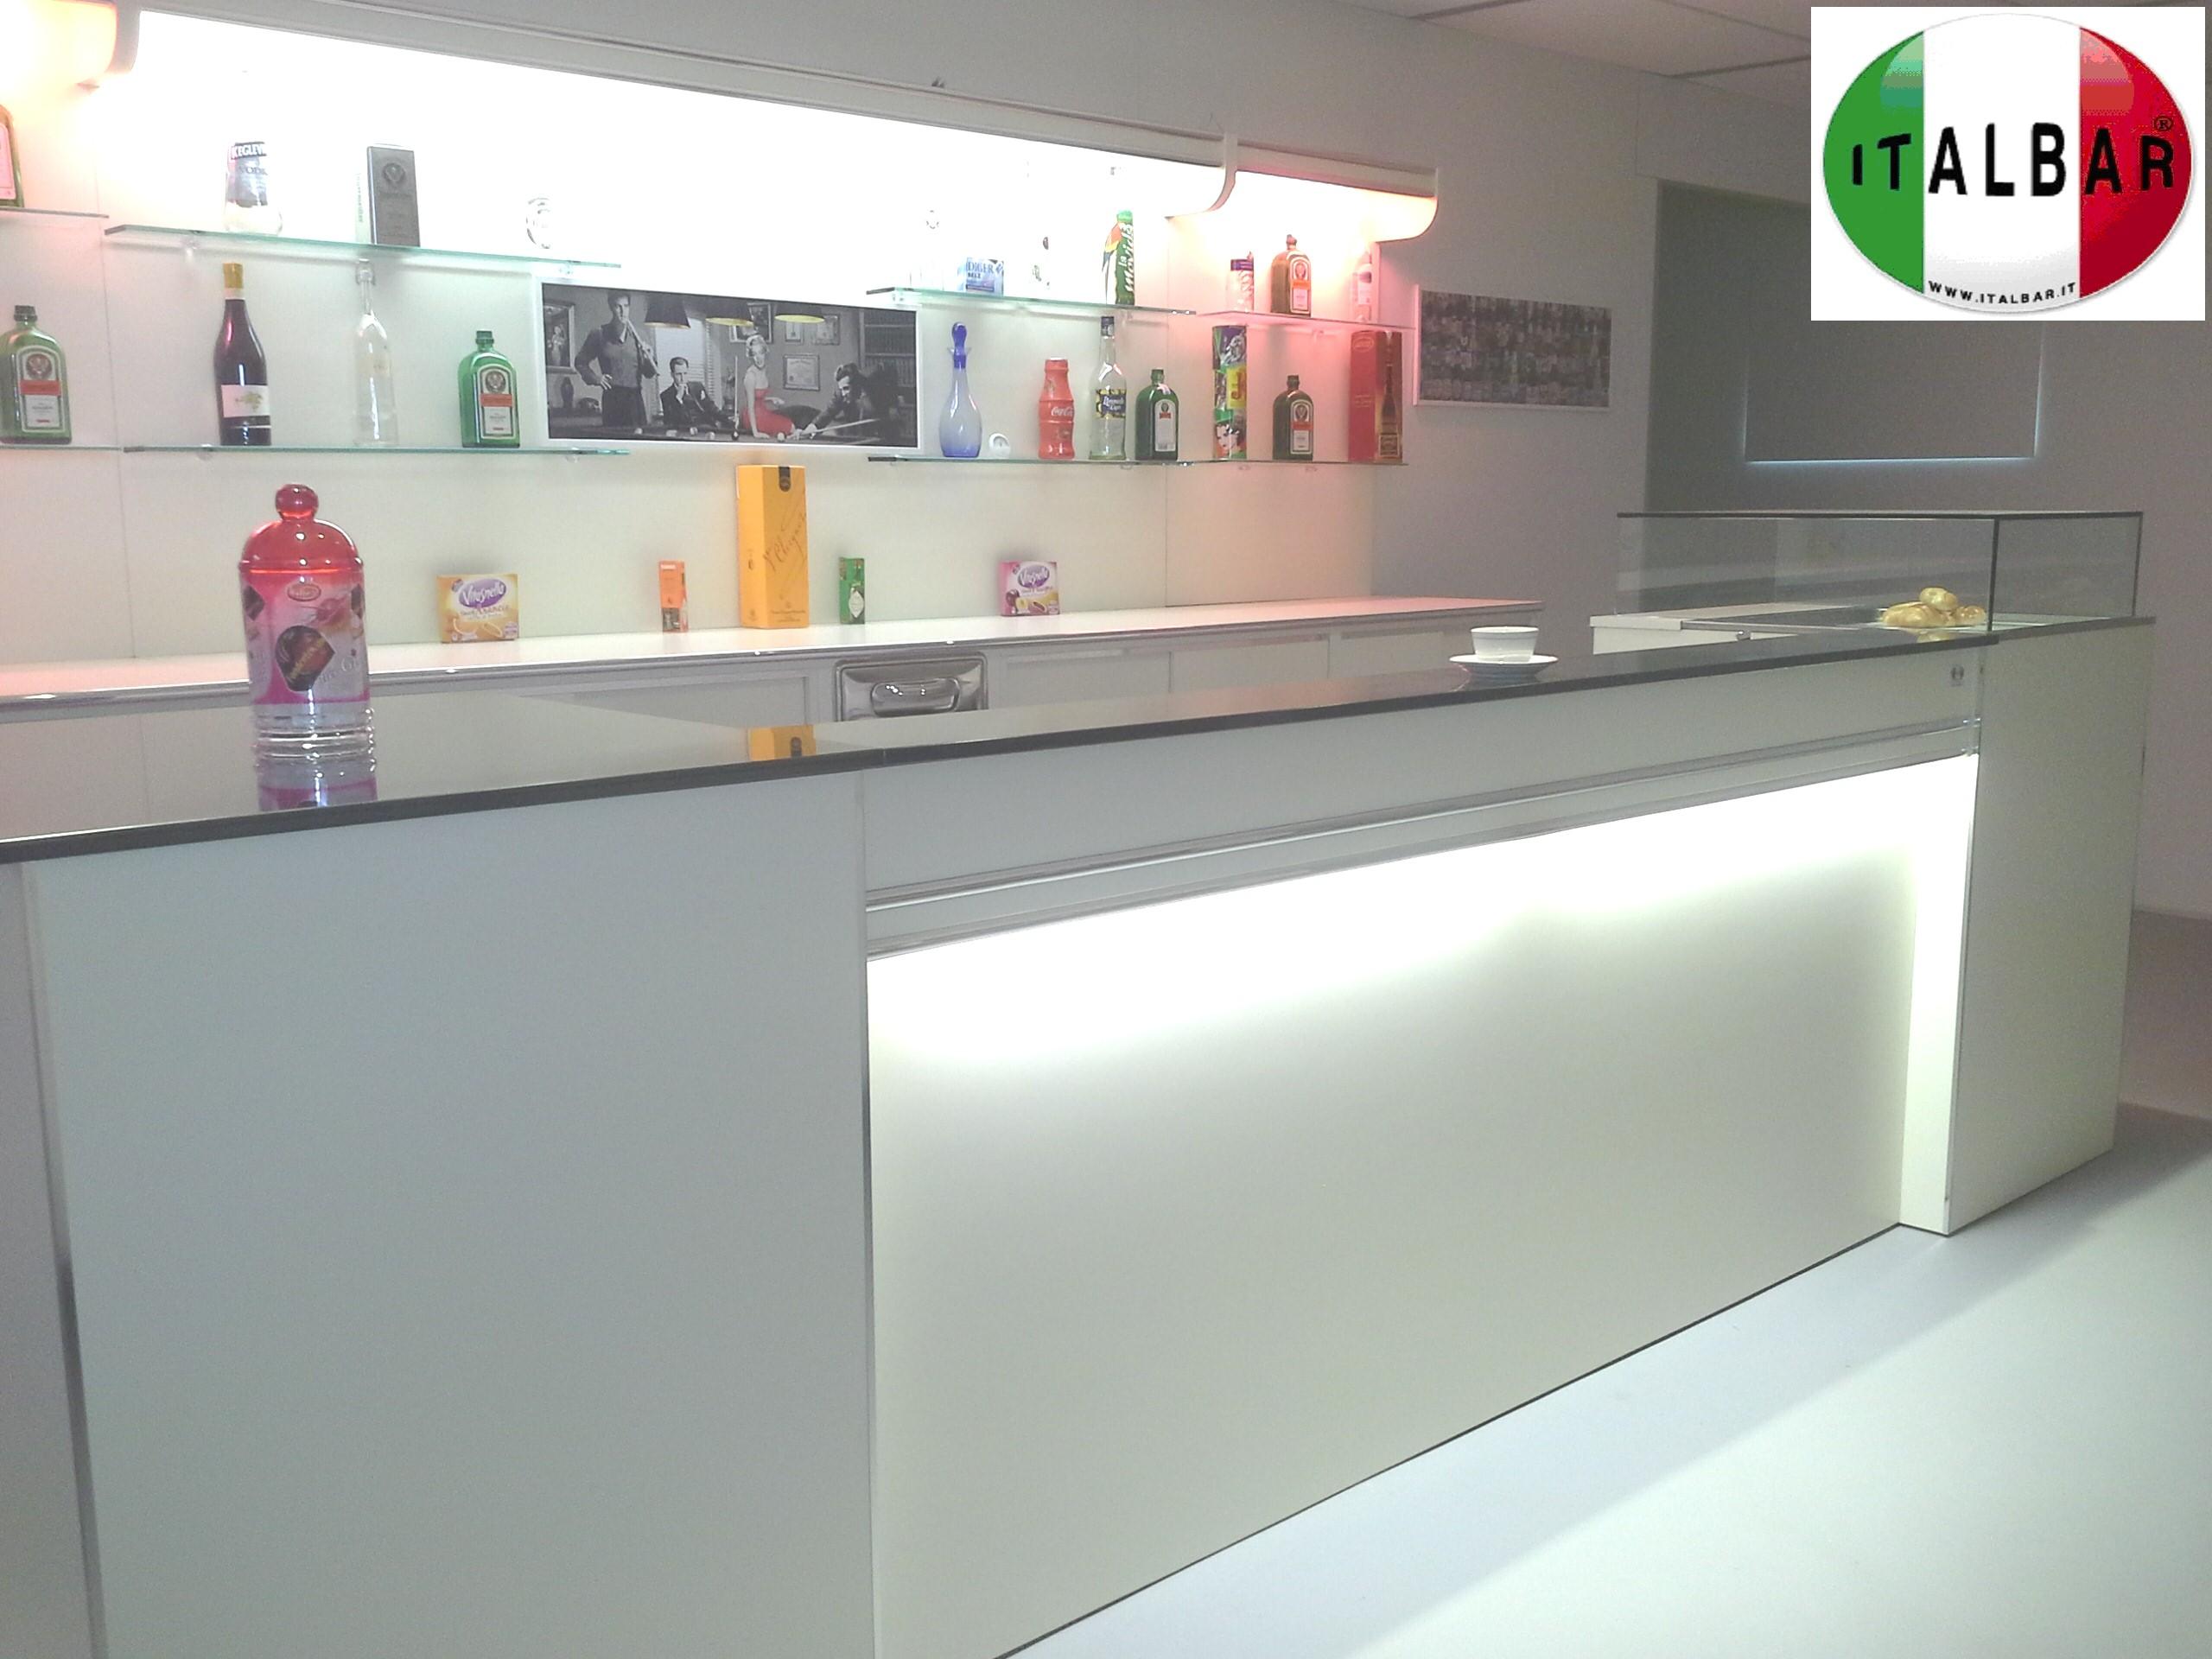 Bancone Bar Completo Prezzi. Prezzo Banco Bar Completo Guida Alla ...